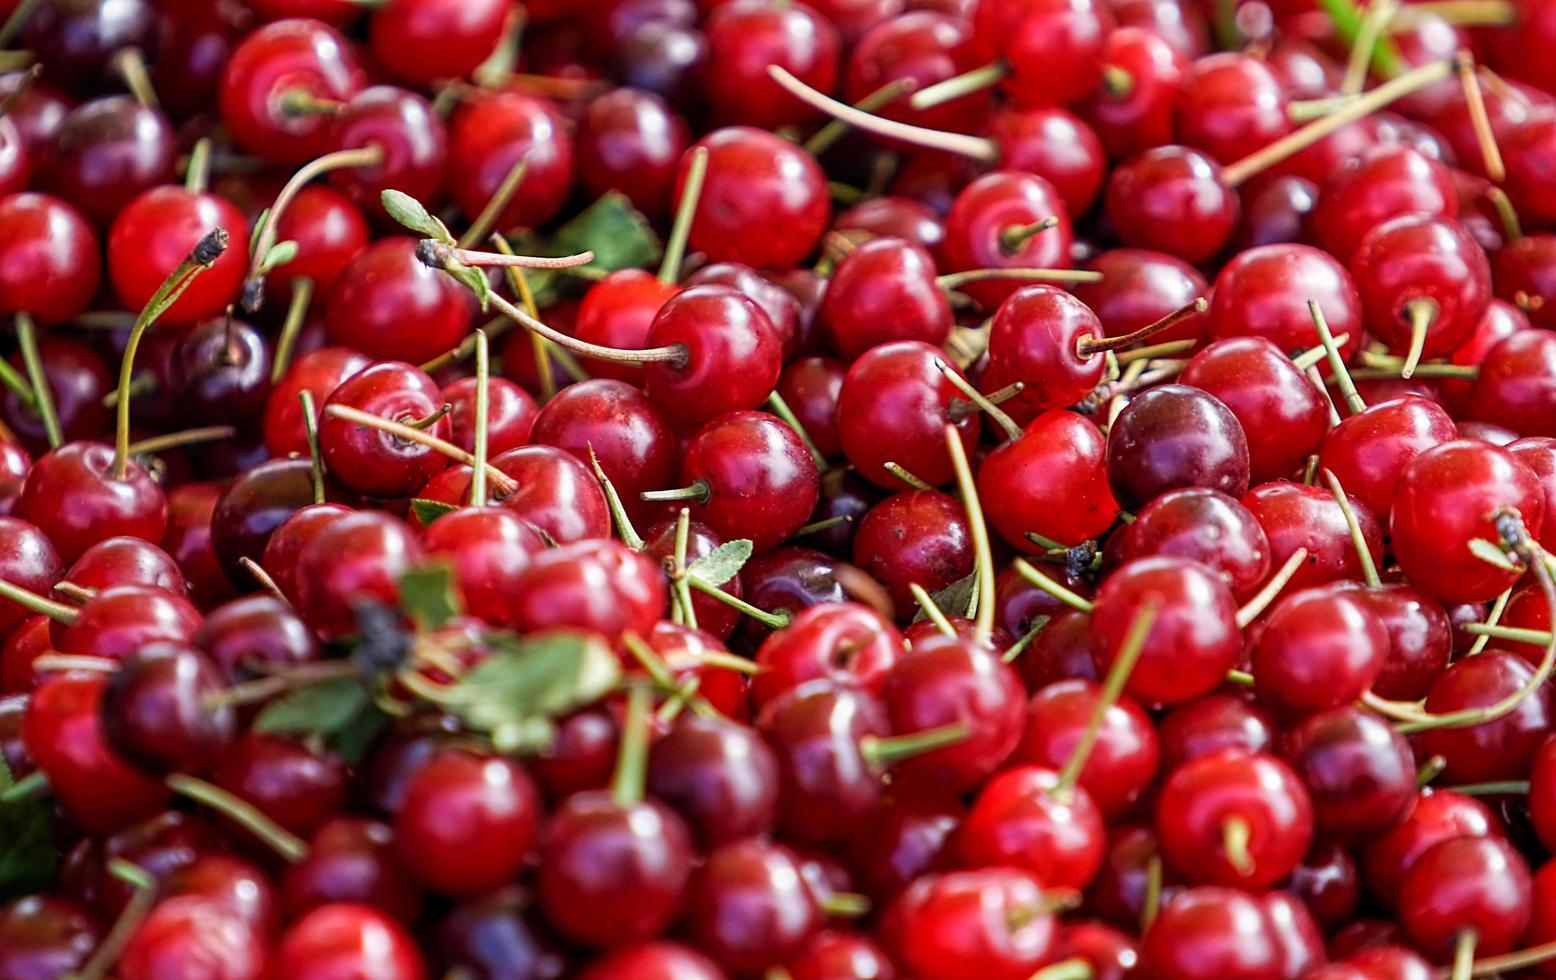 natürlicher Hintergrund mit roten Kirschfrüchten foto